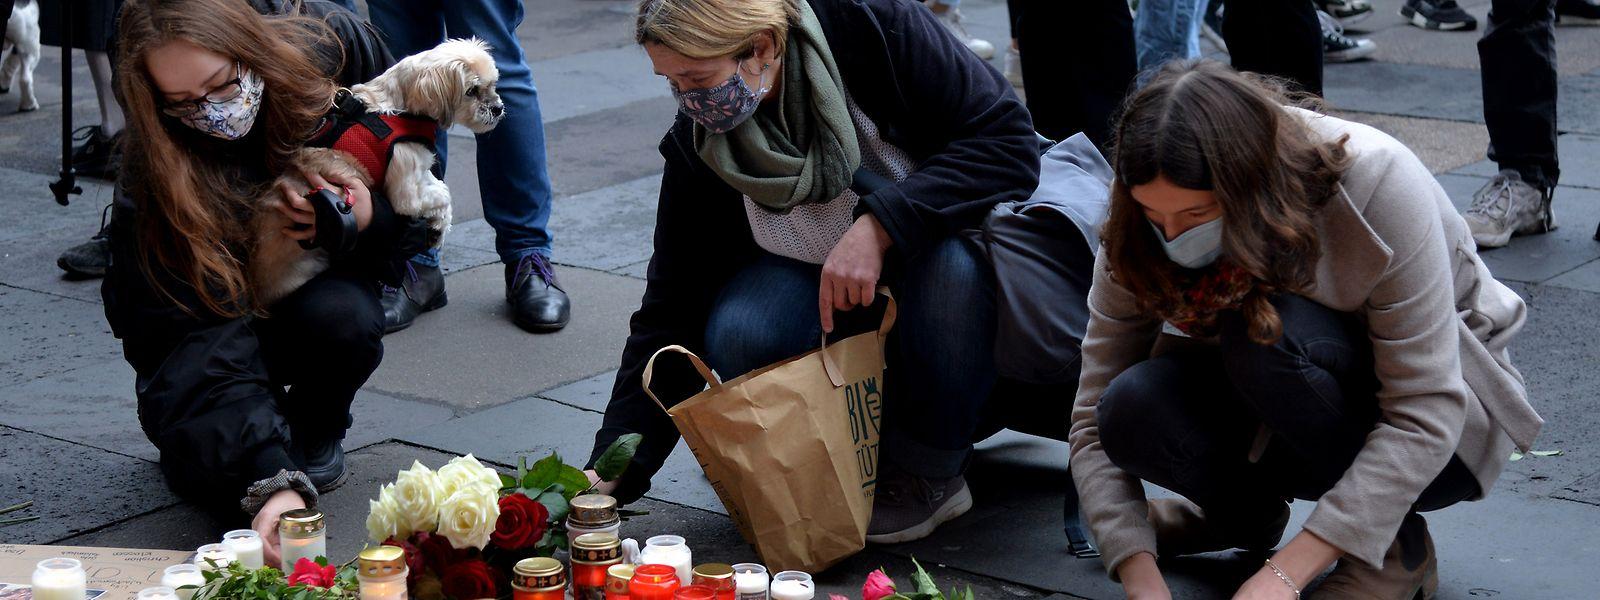 Trauernde legen nach der Amokfahrt mit fünf Toten inTrier an der Porta Nigra Kerzen und Blumen nieder.